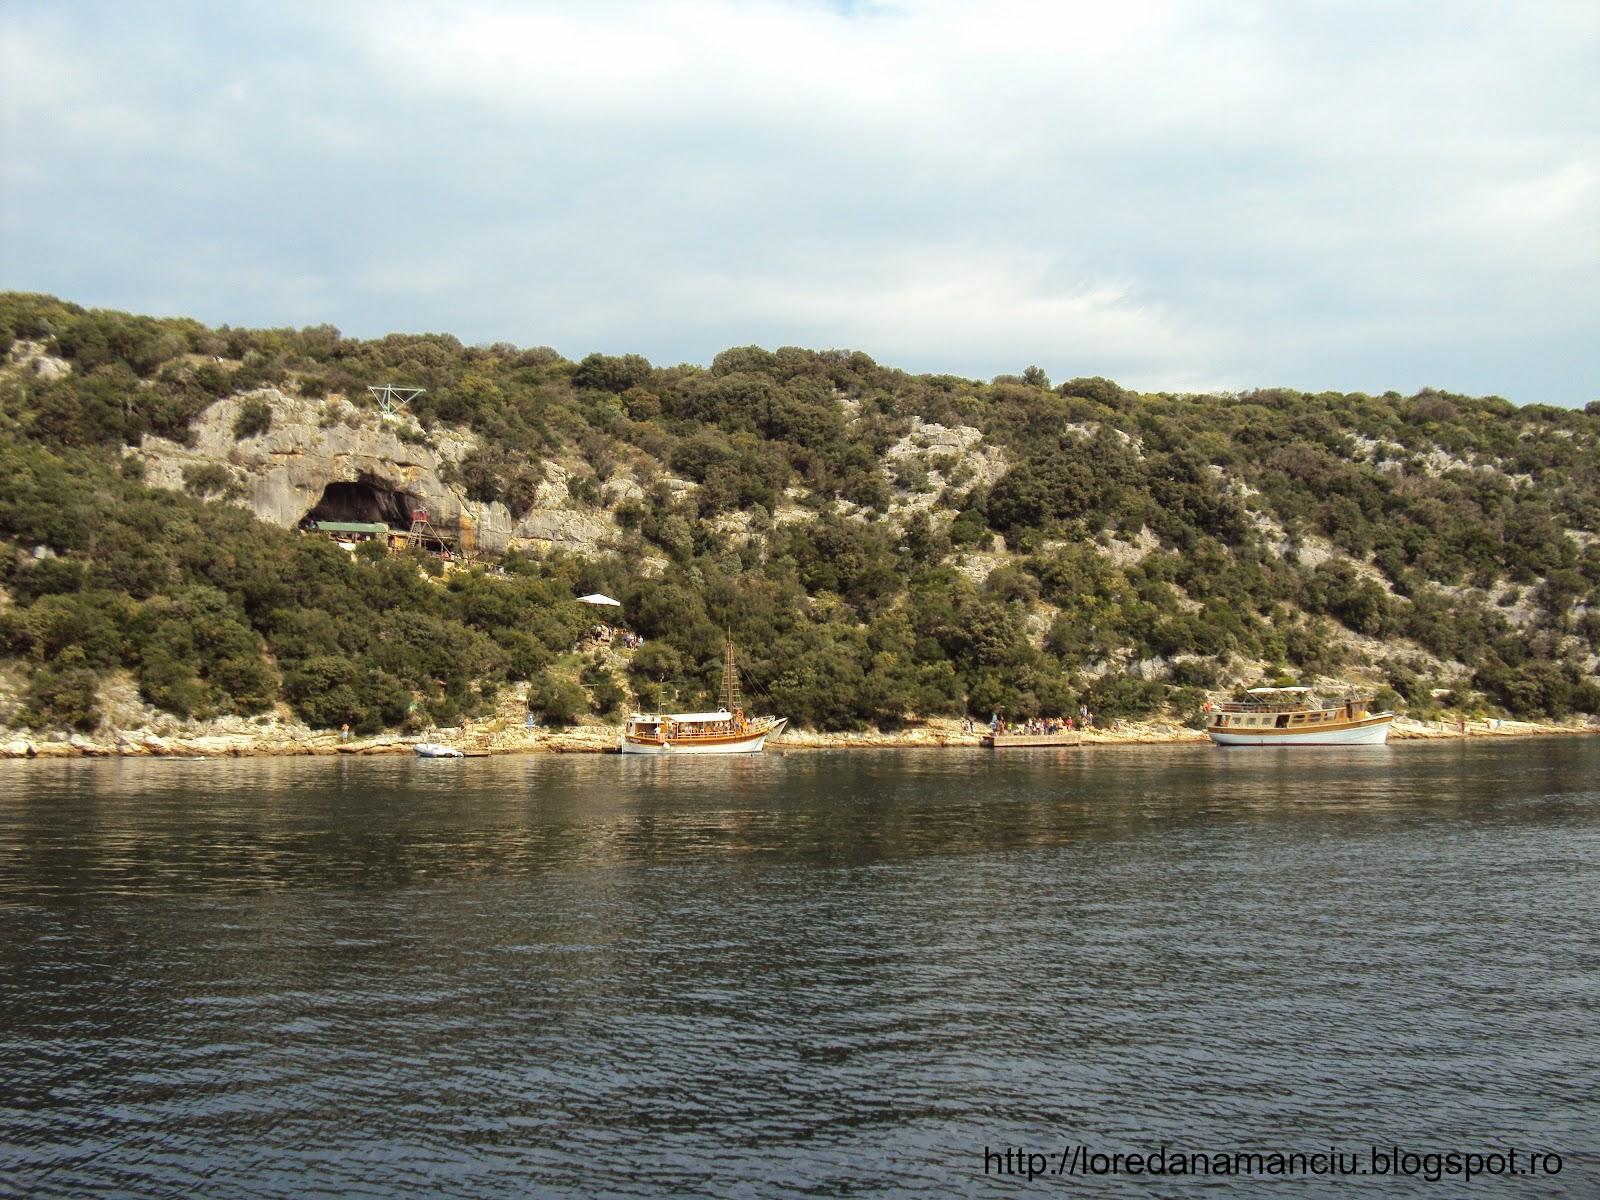 In Croatia cu vaporasul Melissa spre Ronvinji